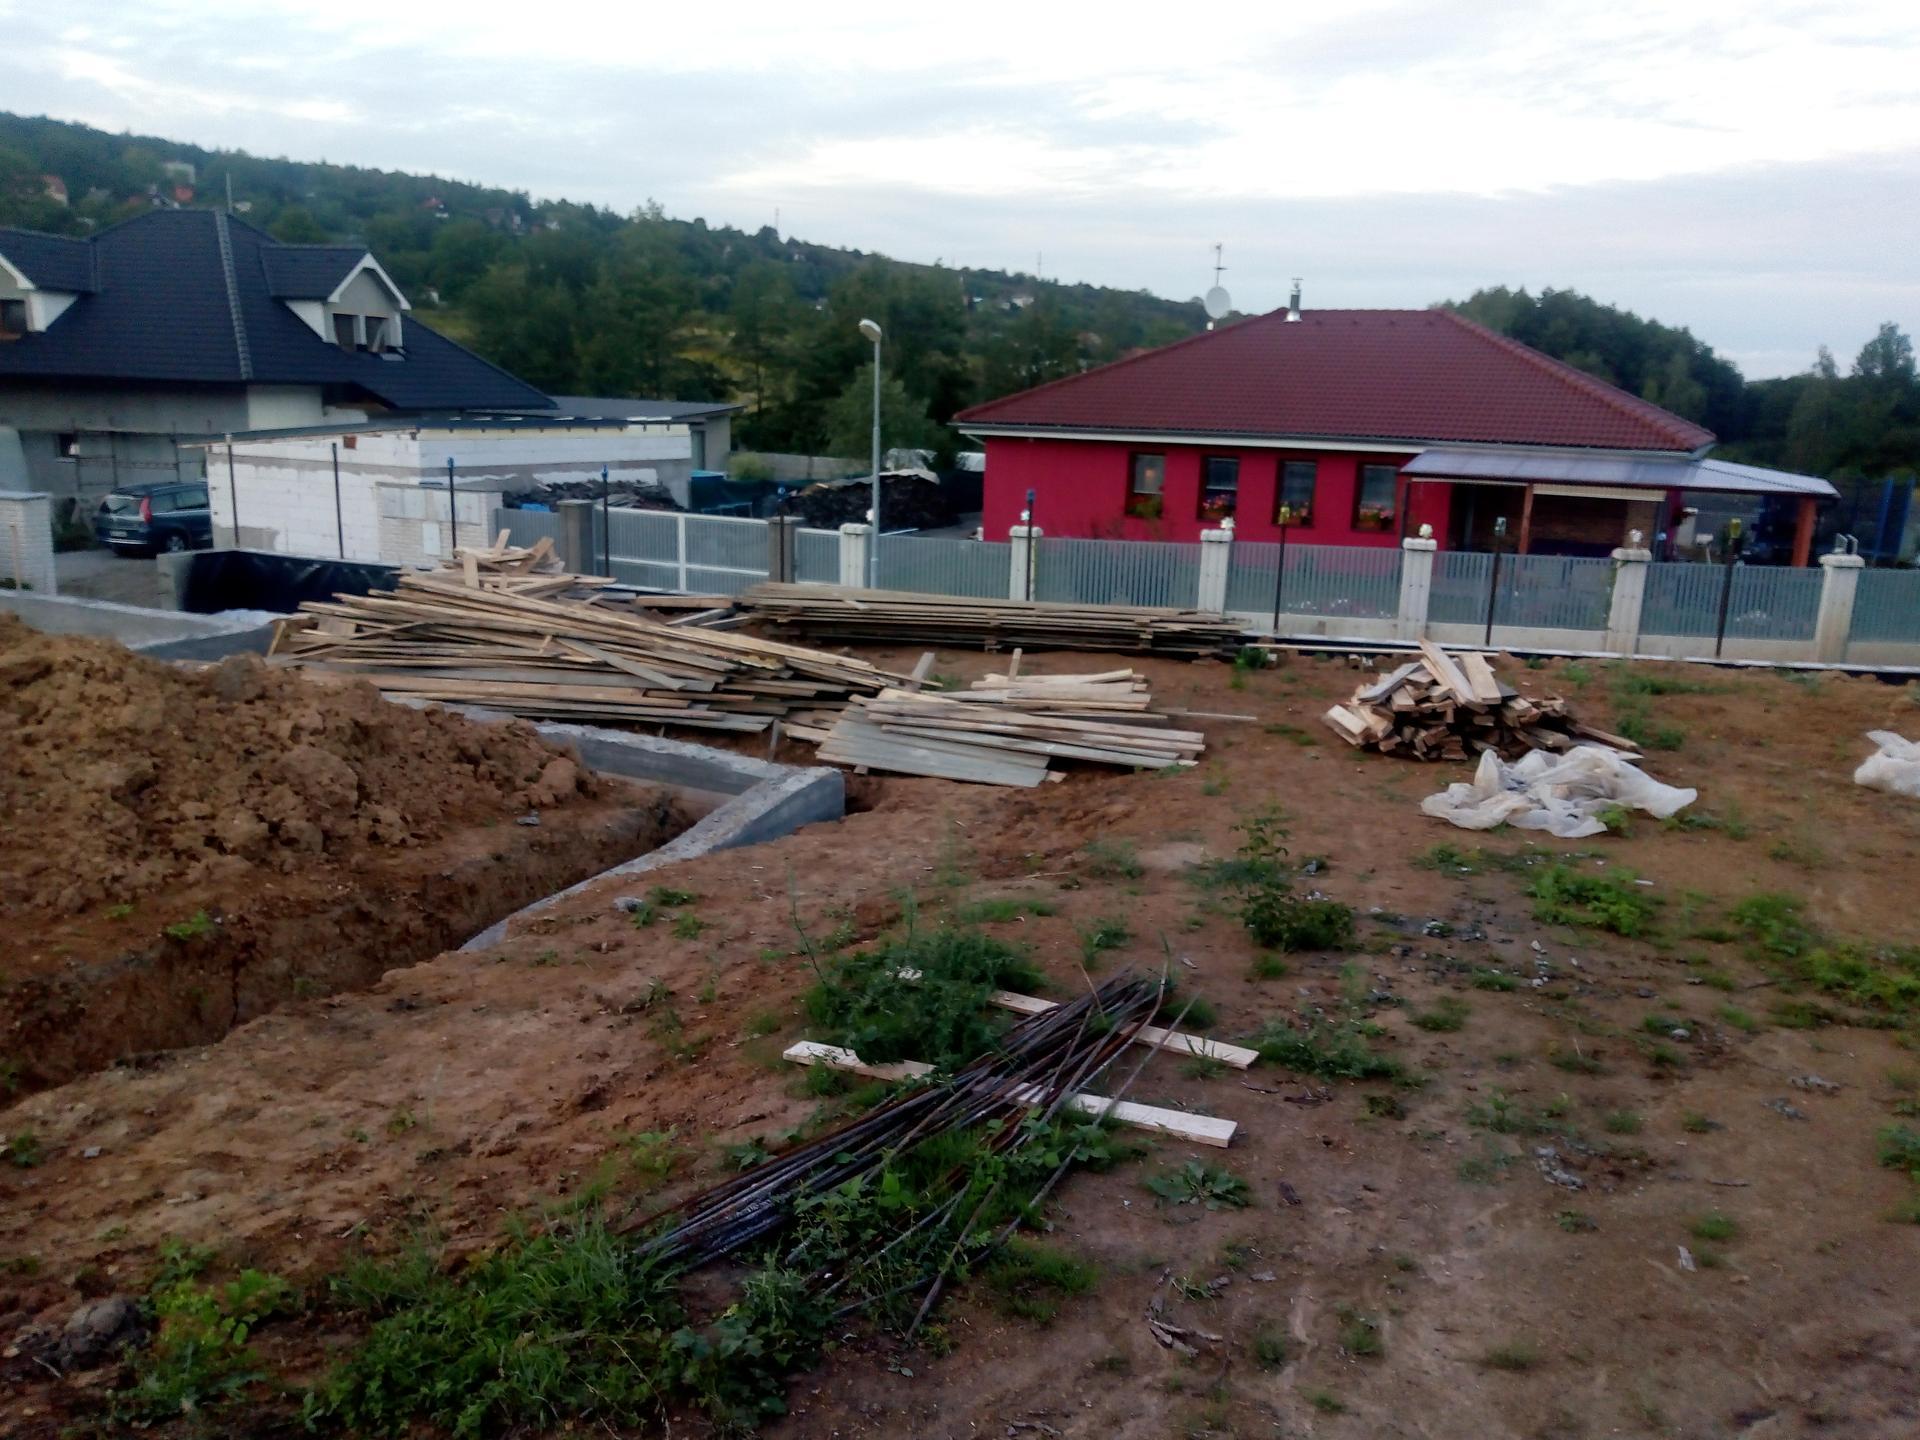 Příprava pozemku, bednění, základy, opěrka, bouda, plot - Obrázek č. 8